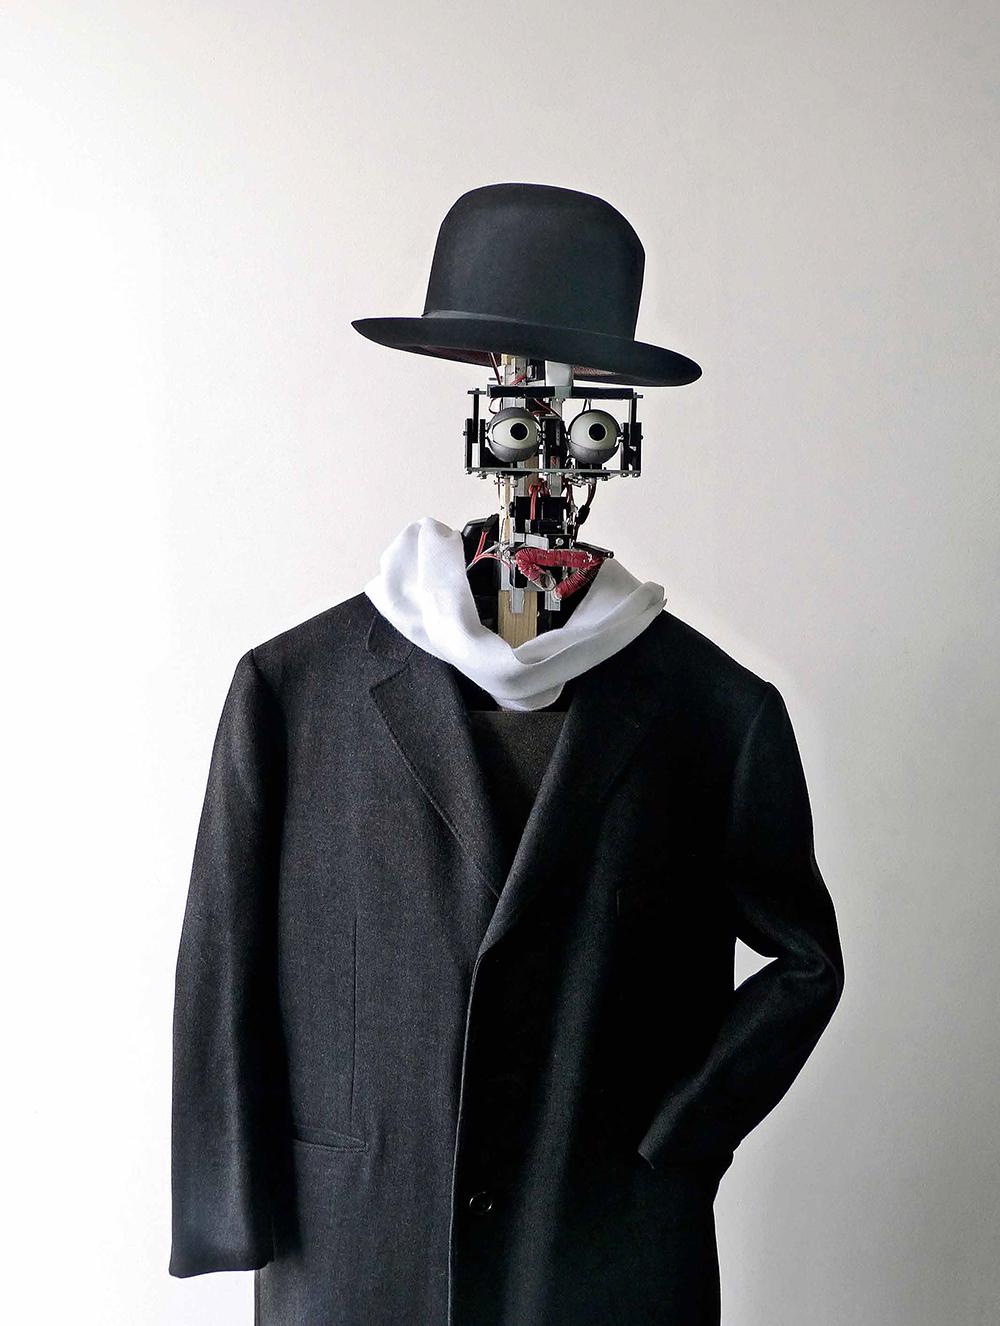 FM31_Soc_Deb_Avoir_peur_des_robots-1